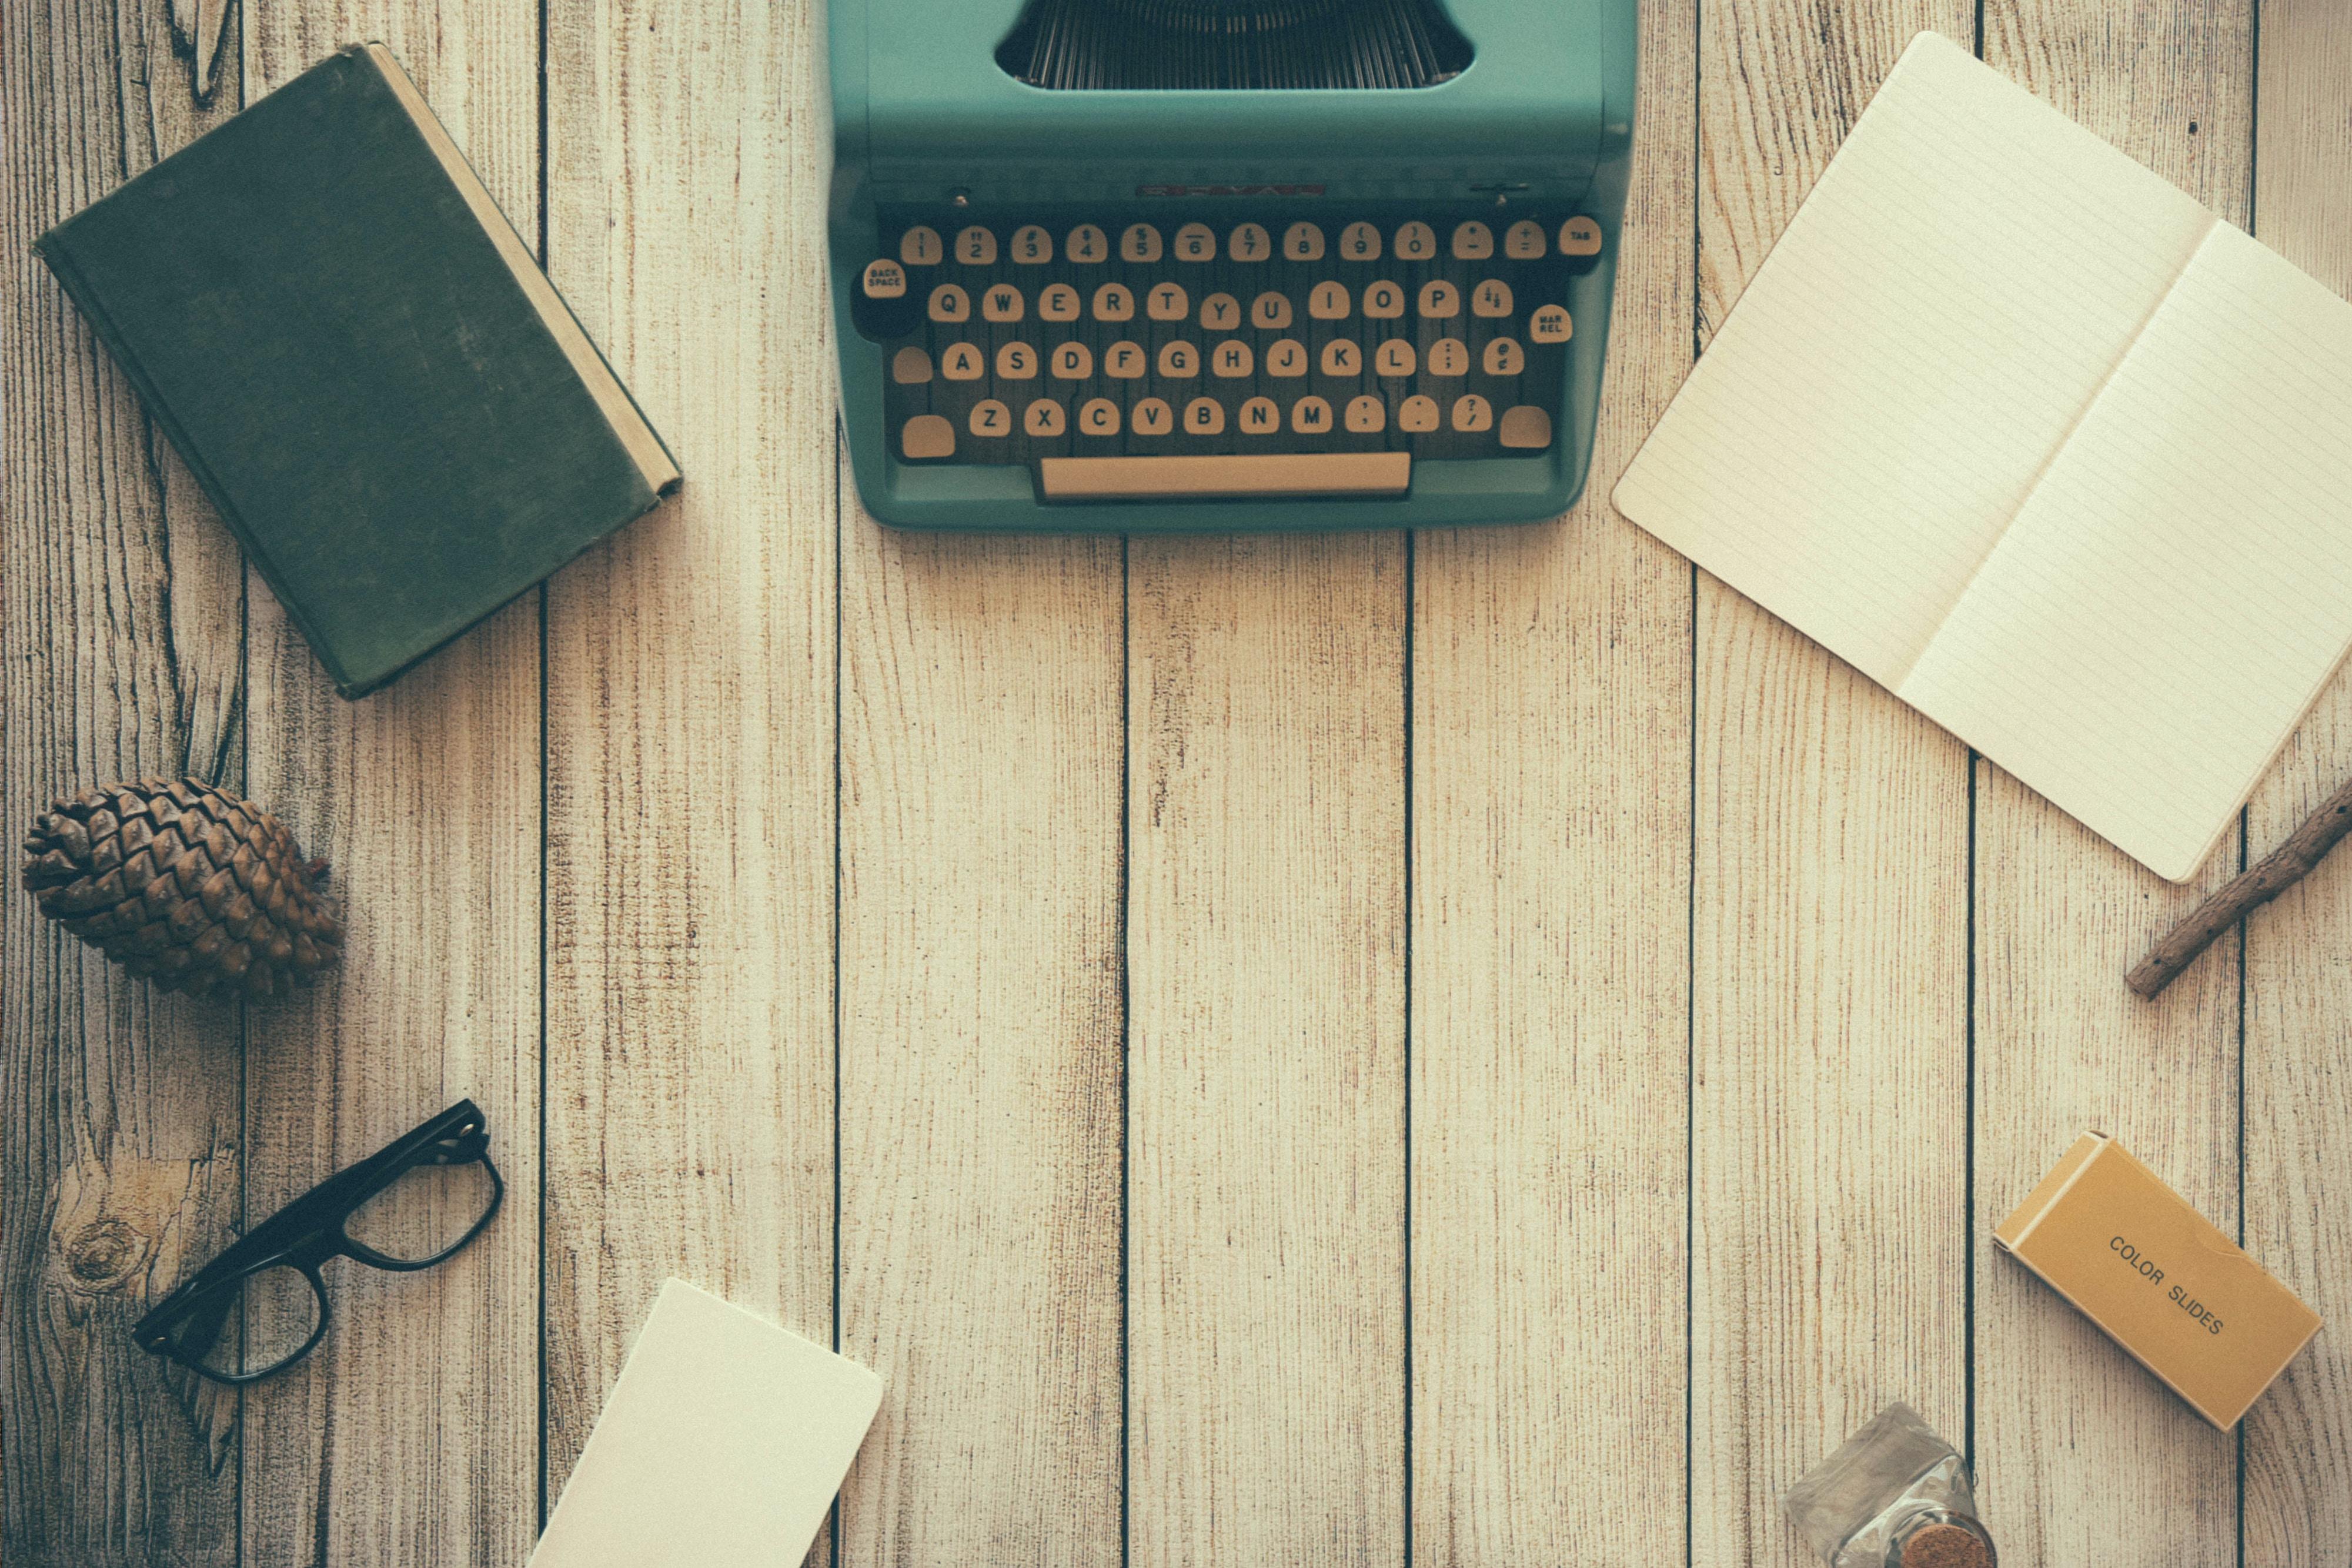 Scrivere, cercare, divenire, essere